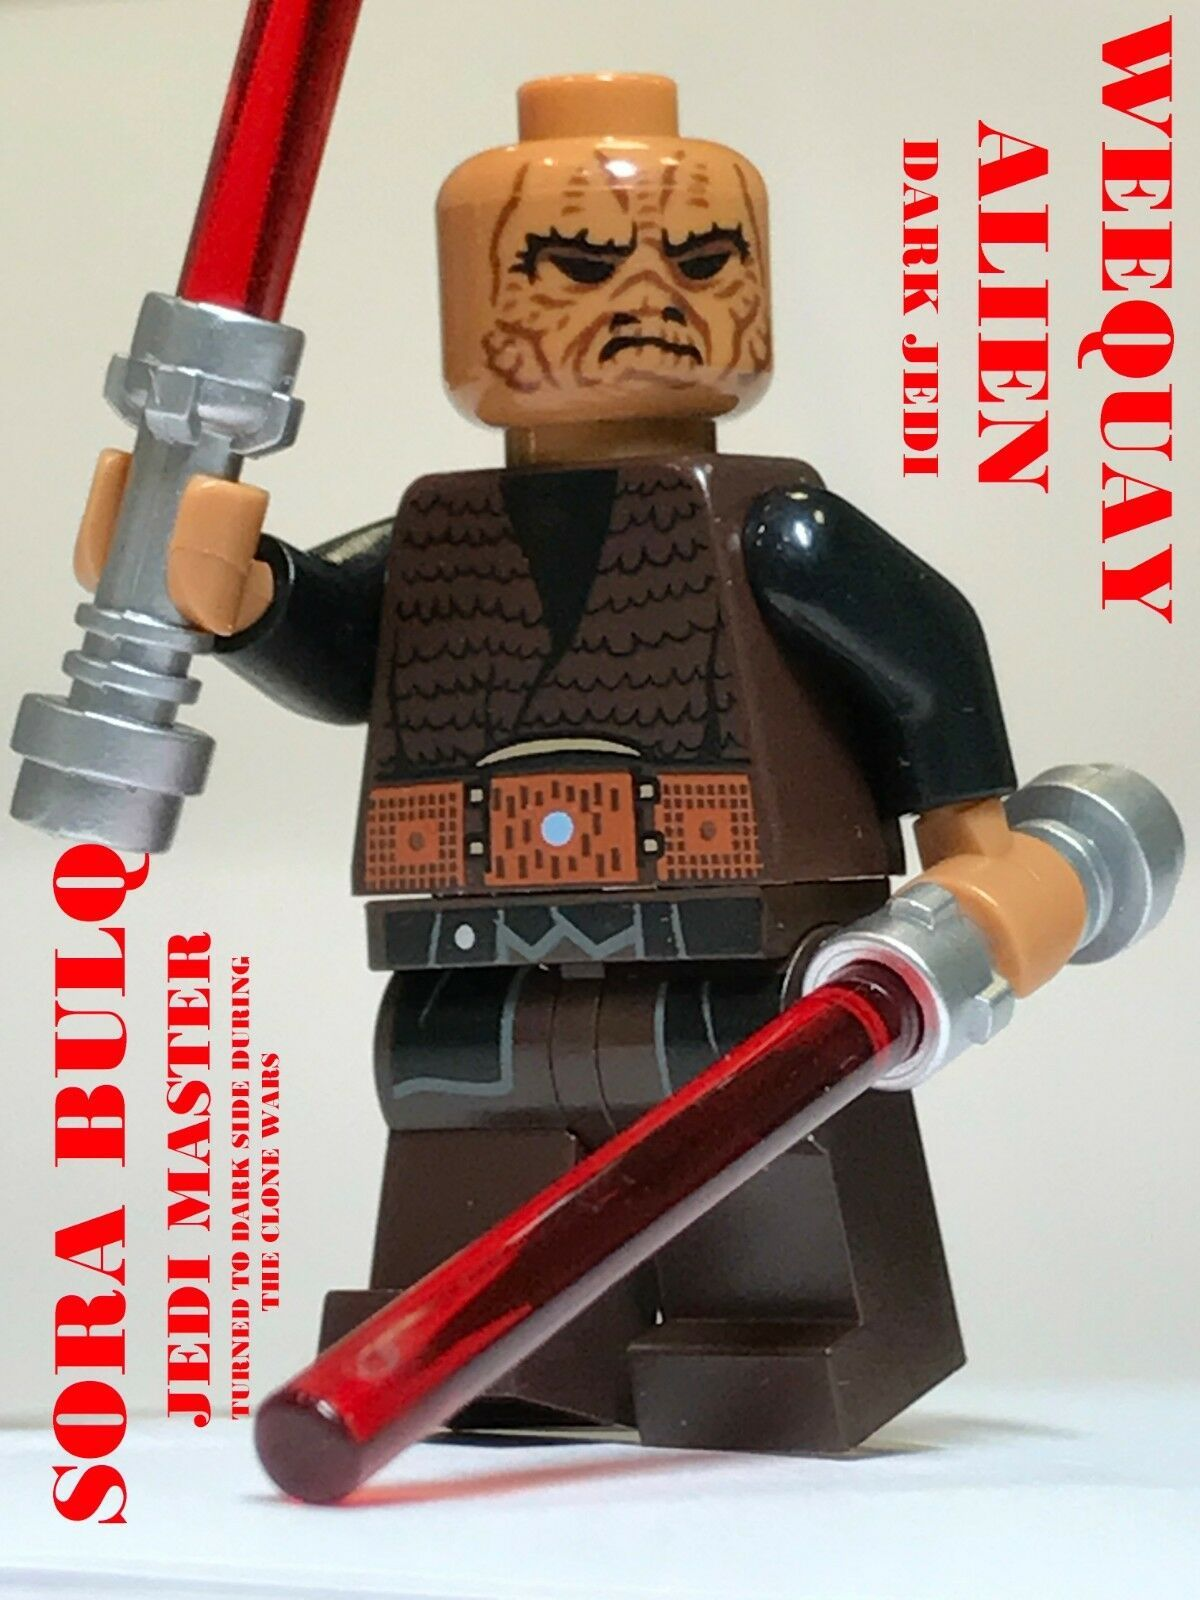 LEGO STAR WARS JEDI CUSTOM JEDI KNIGHT GEONOSIS ARENA ARMYBUILDER 100/% LEGO NEW